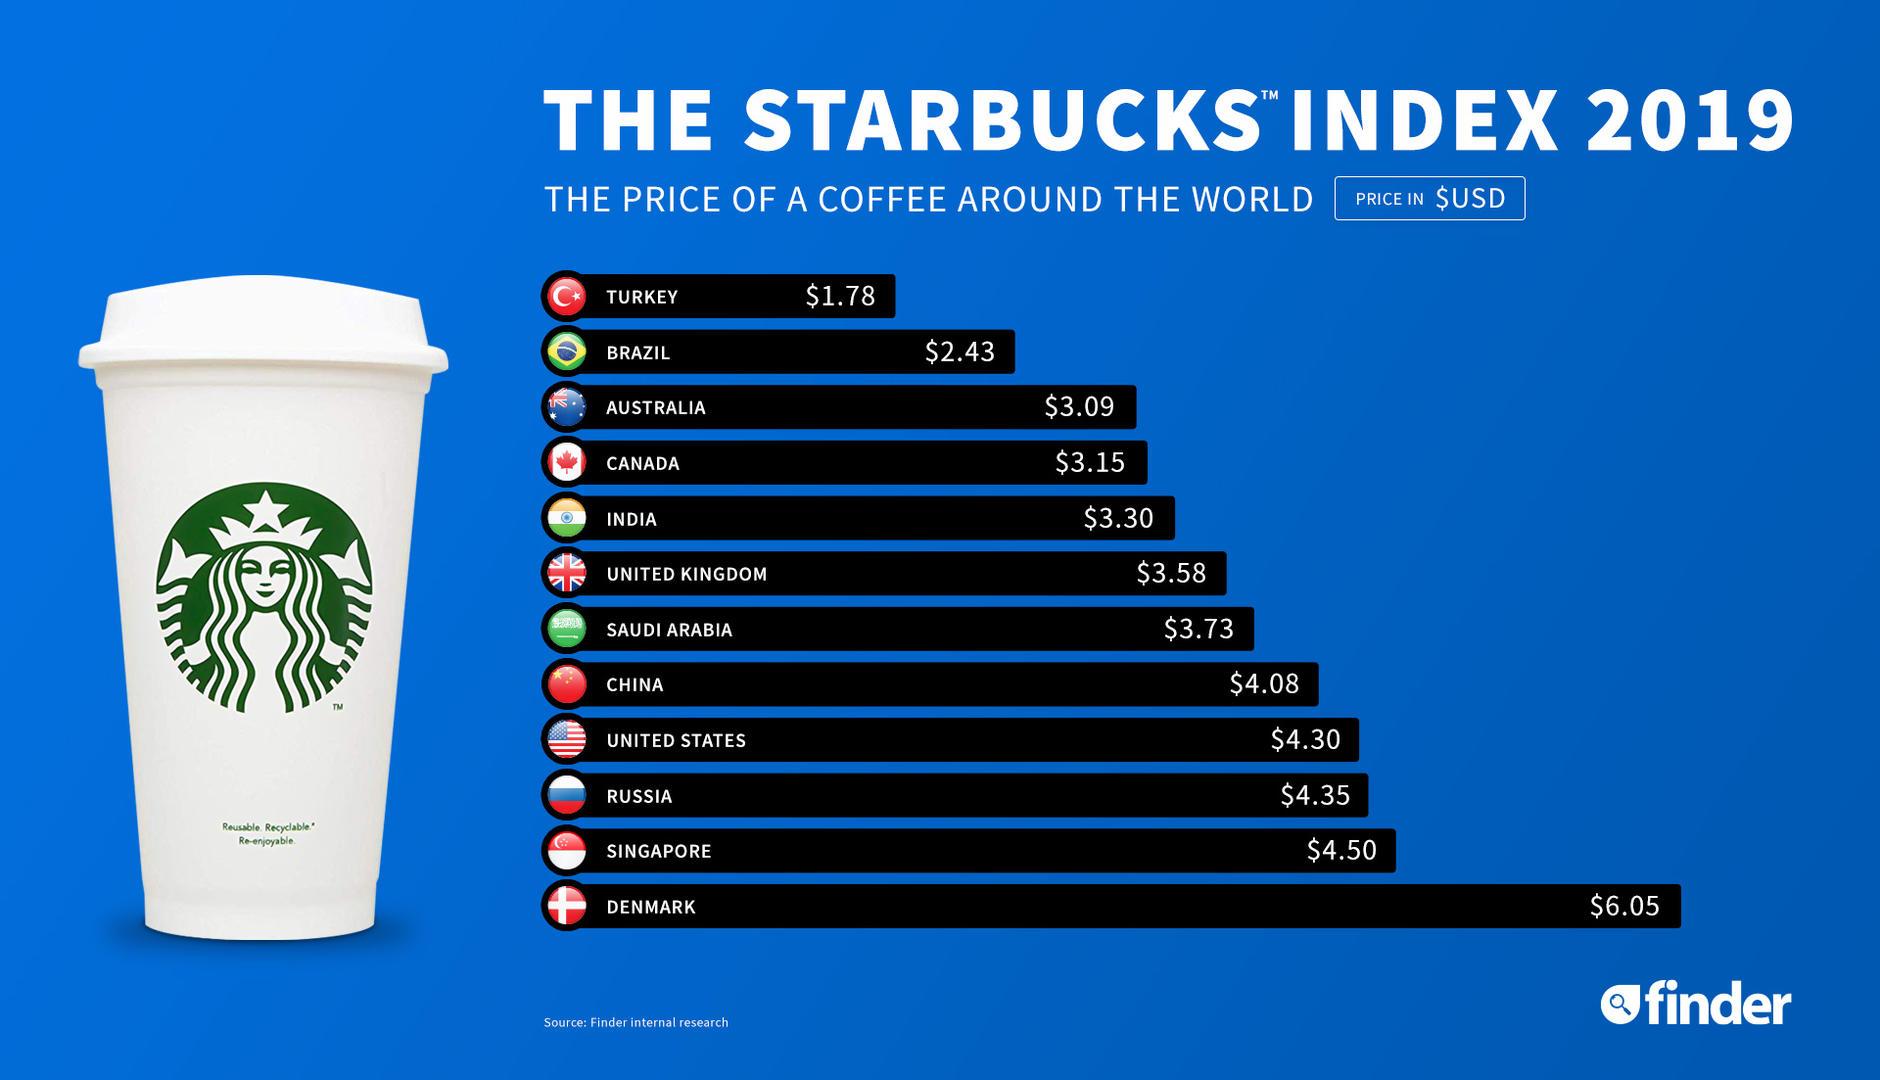 星巴克最新全球价格排行榜出炉你的咖啡买贵了吗?